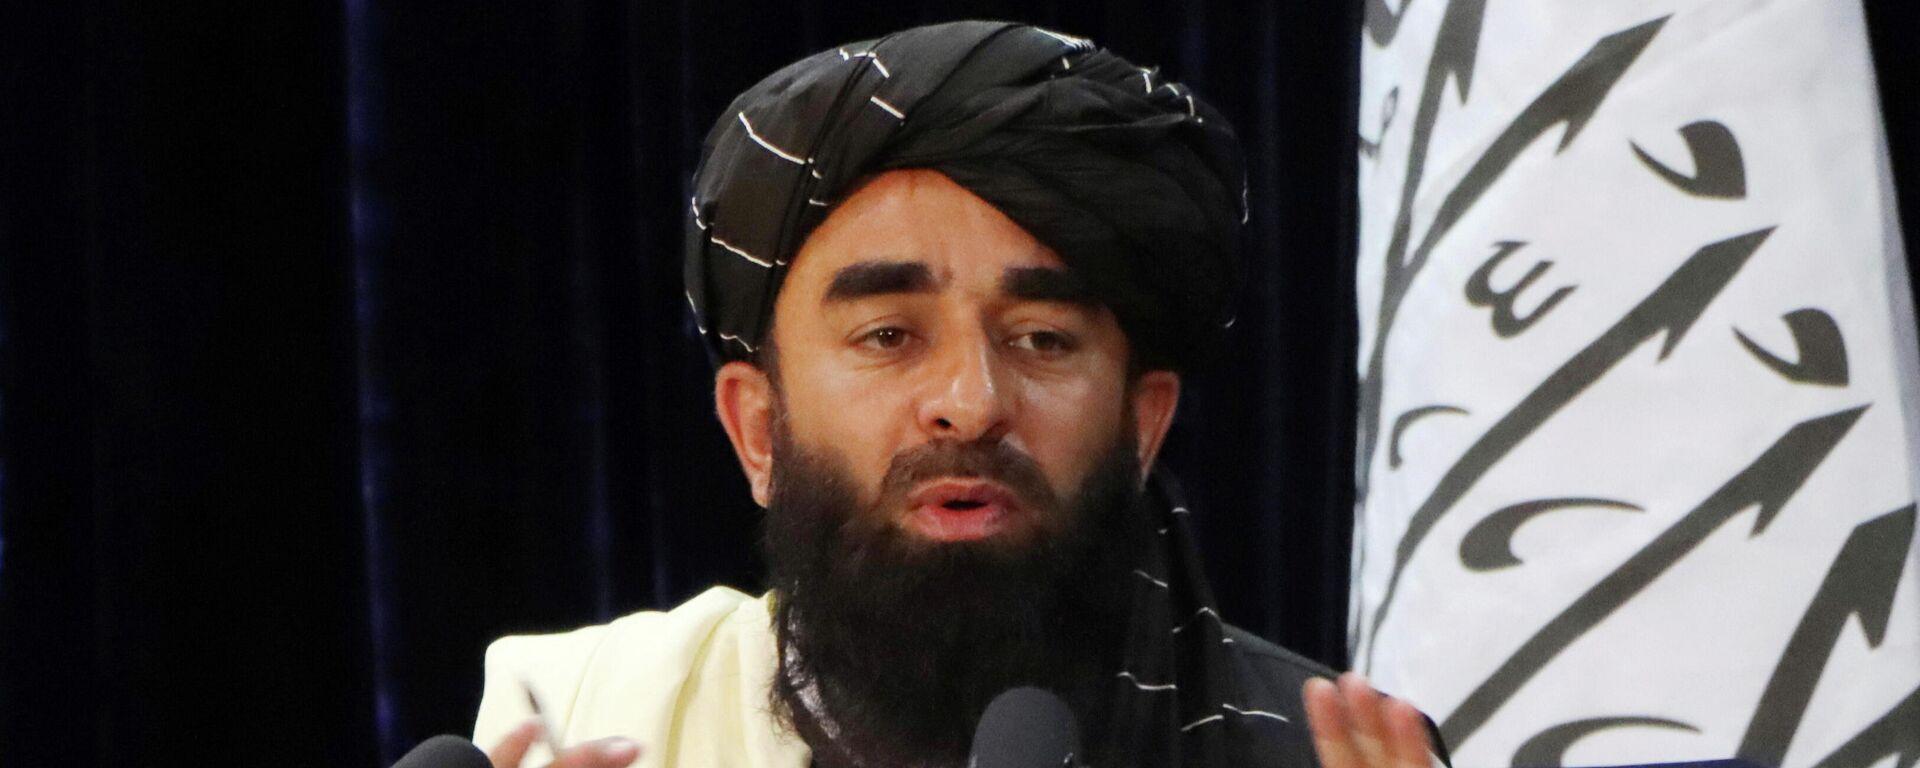 Taliban Sözcüsü Zabihullah Mücahid, Kabil'de basın toplantısı düzenlerken (Ağustos 2021) - Sputnik Türkiye, 1920, 26.08.2021